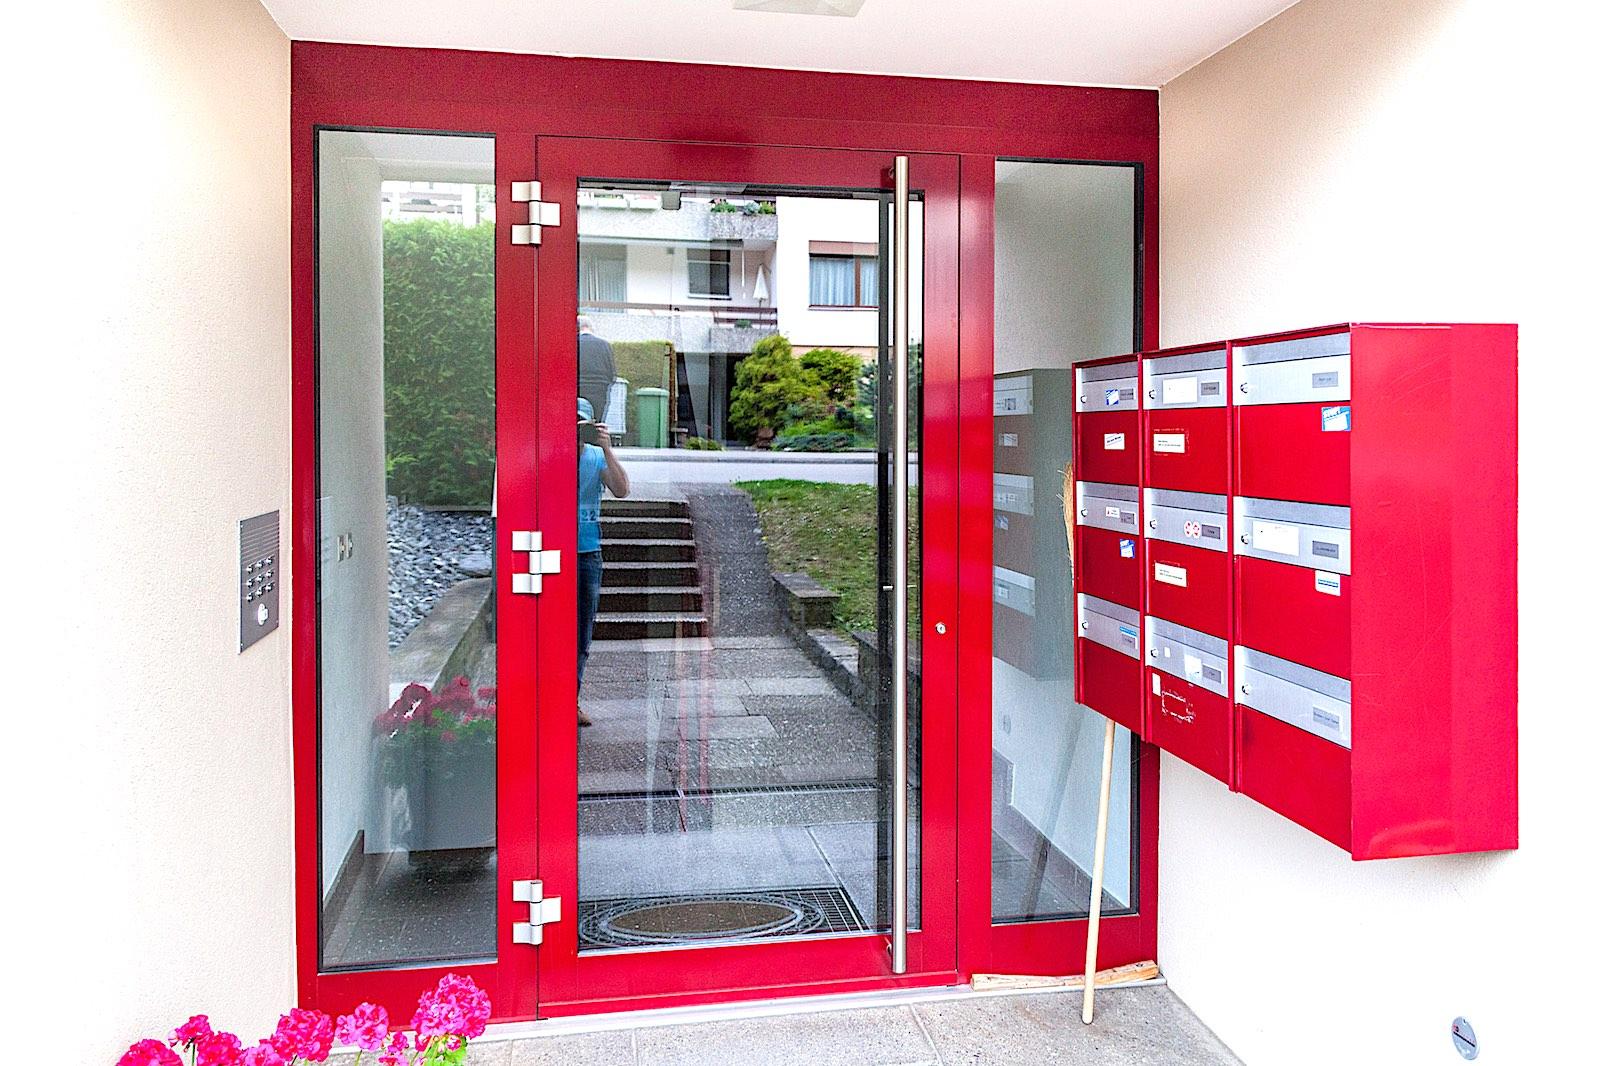 MFH in Oberweningen - Aluminium-Eingangstür nach aussen öffnend mit 2 Seitenteilen. Farblich angepasst an bestehende BriefkastenanlageVerglasung: Klarglas